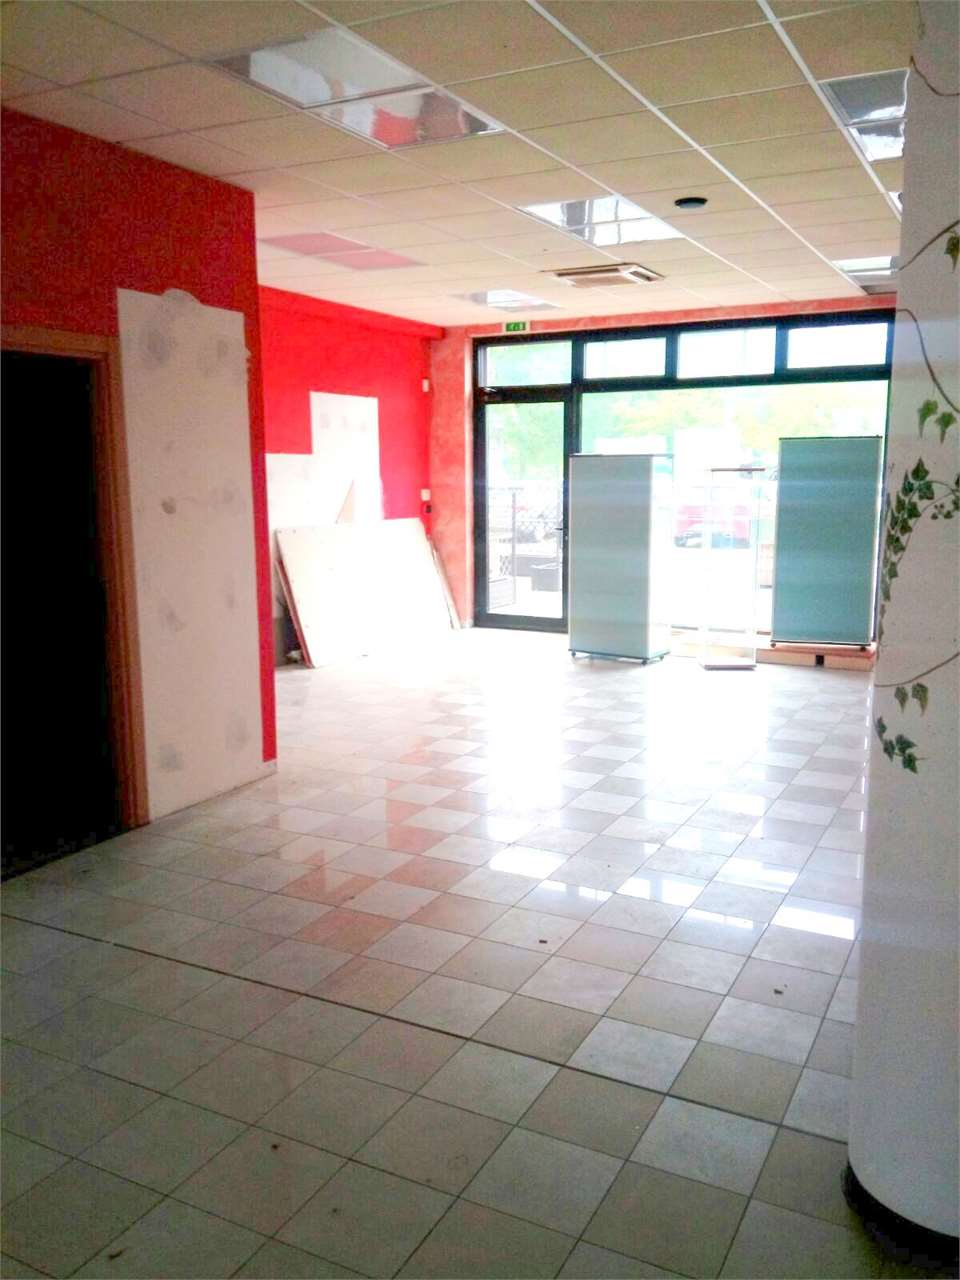 Negozio / Locale in affitto a Capannori, 2 locali, zona Località: Guamo, prezzo € 1.000 | CambioCasa.it